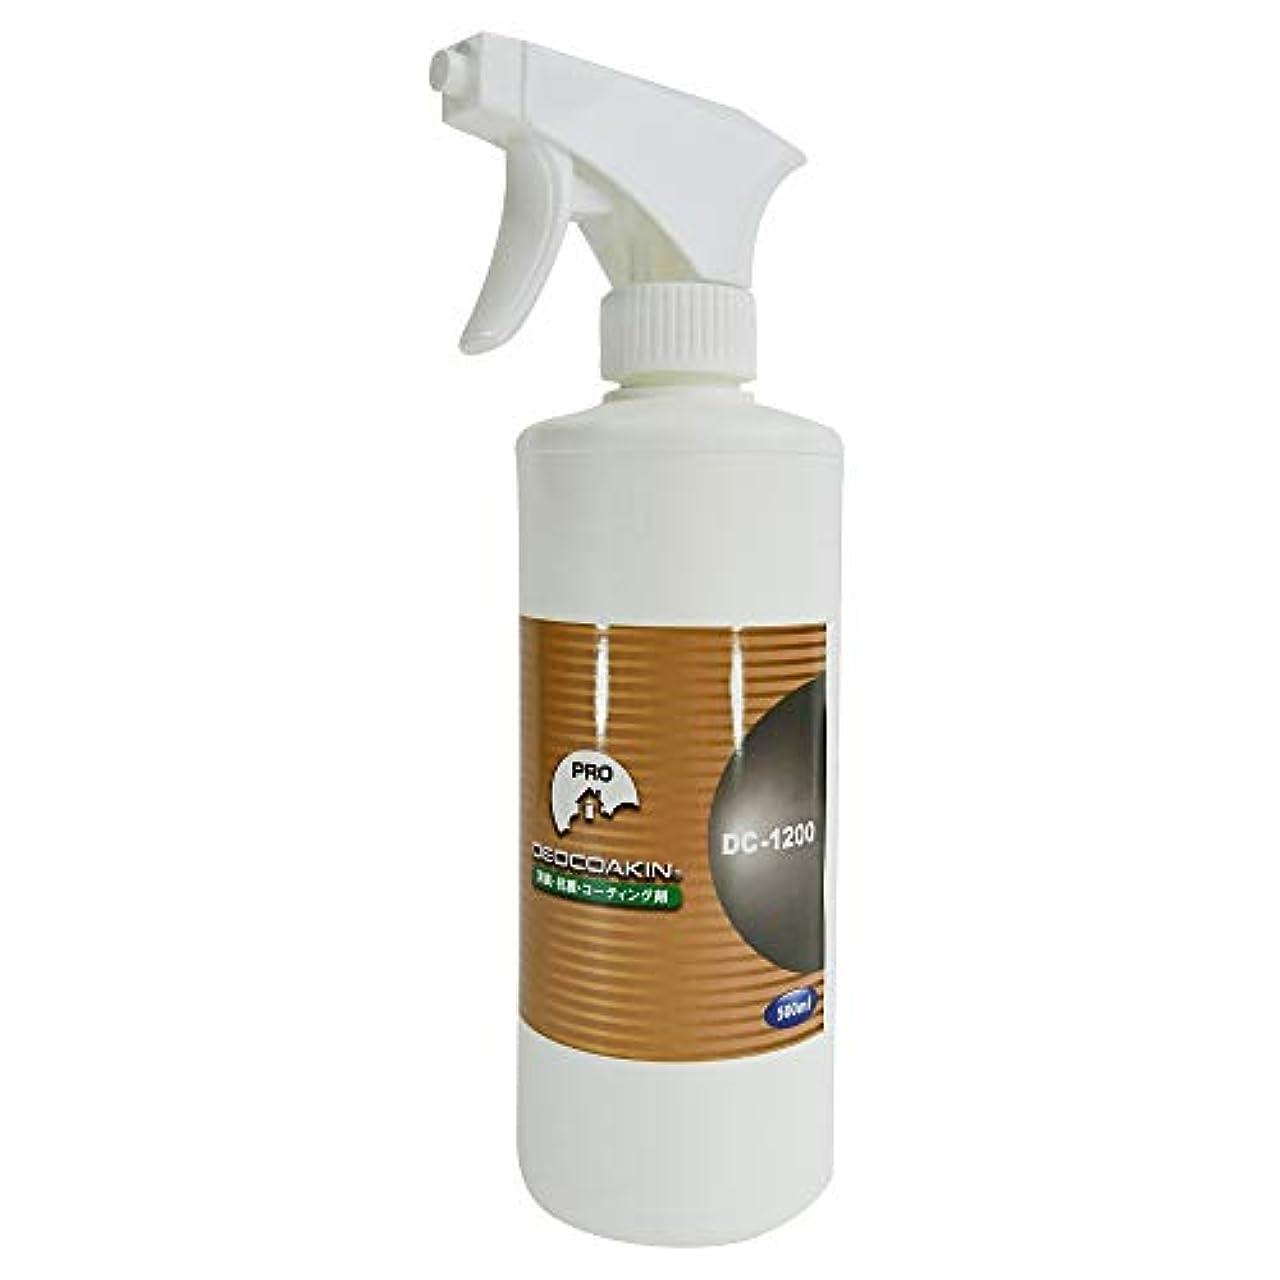 不幸ゲートウェイ政治家デオコーキンDC-1200 消臭/抗菌/防汚コーティング剤スプレー 500ml